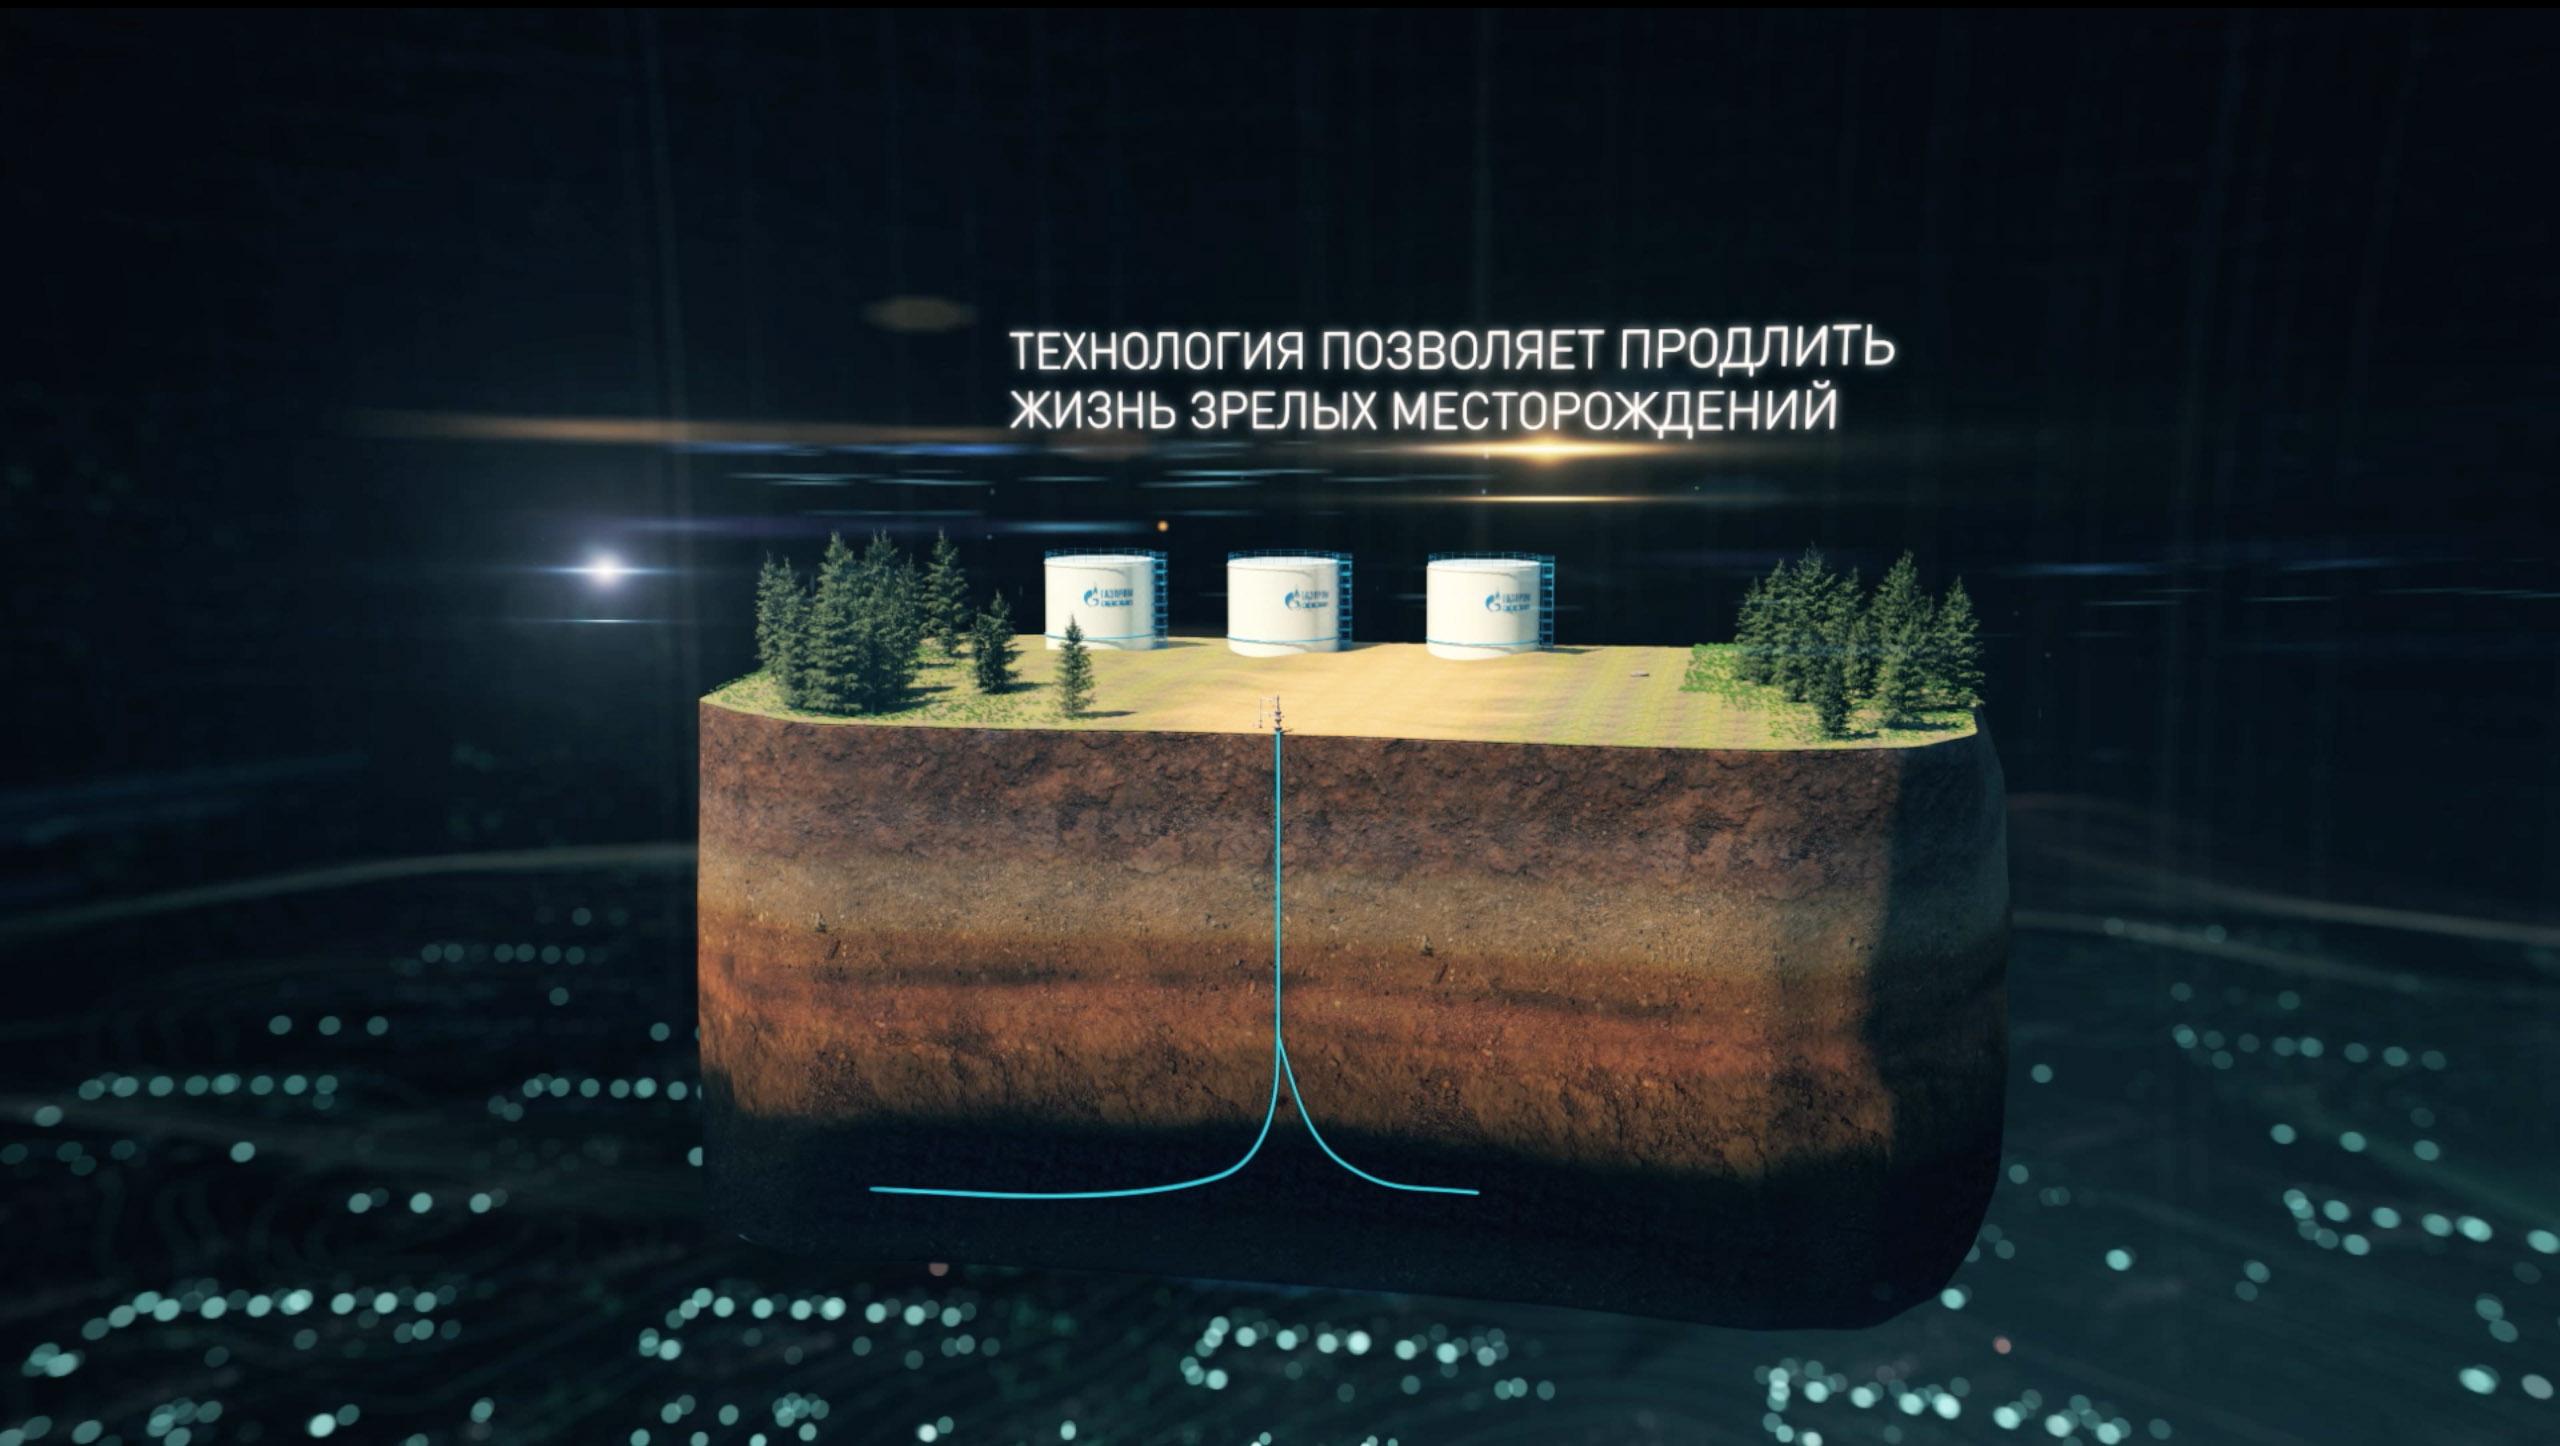 Высокотехнологичные методы добычи нефти